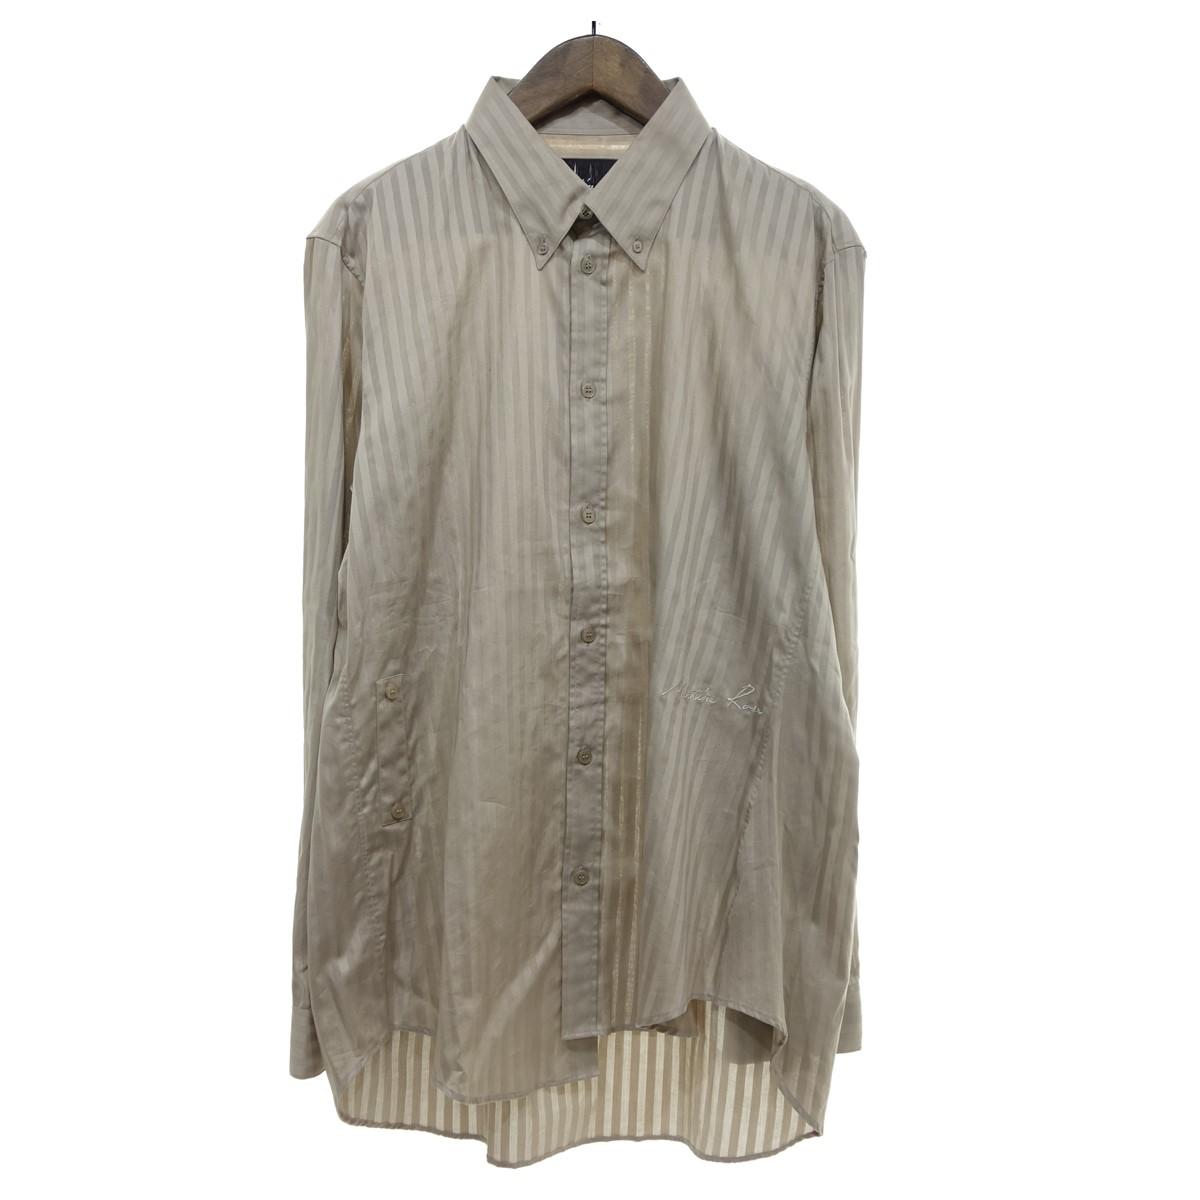 【中古】Martine Rose ロゴ刺繍ストライプ柄織オーバーサイズシャツ ベージュ サイズ:M 【070420】(マーティンローズ)